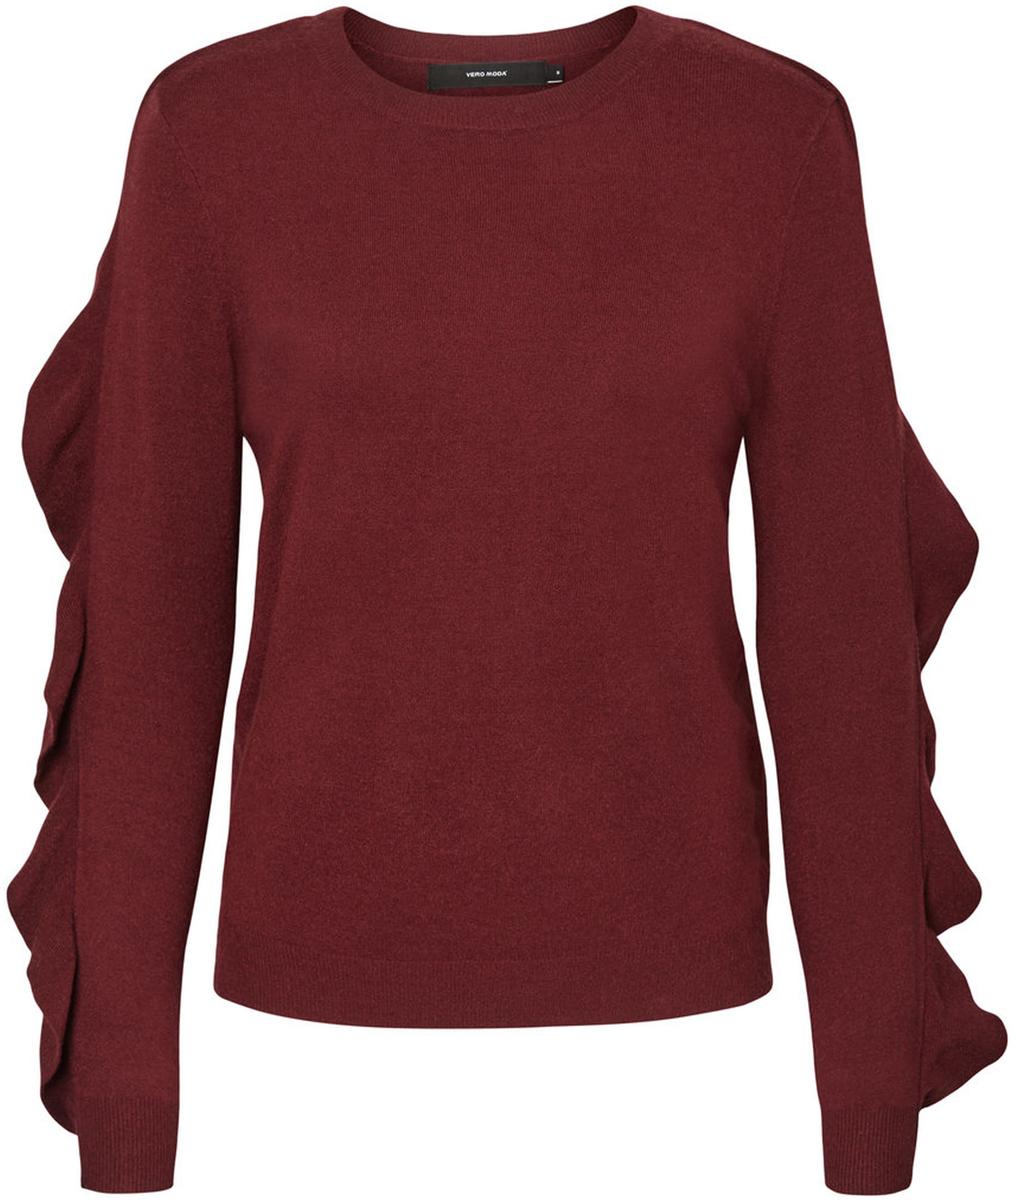 Джемпер женский Vero Moda, цвет: бордовый. 10185482_Zinfandel. Размер S (42/44) джемпер vero moda цвет белый